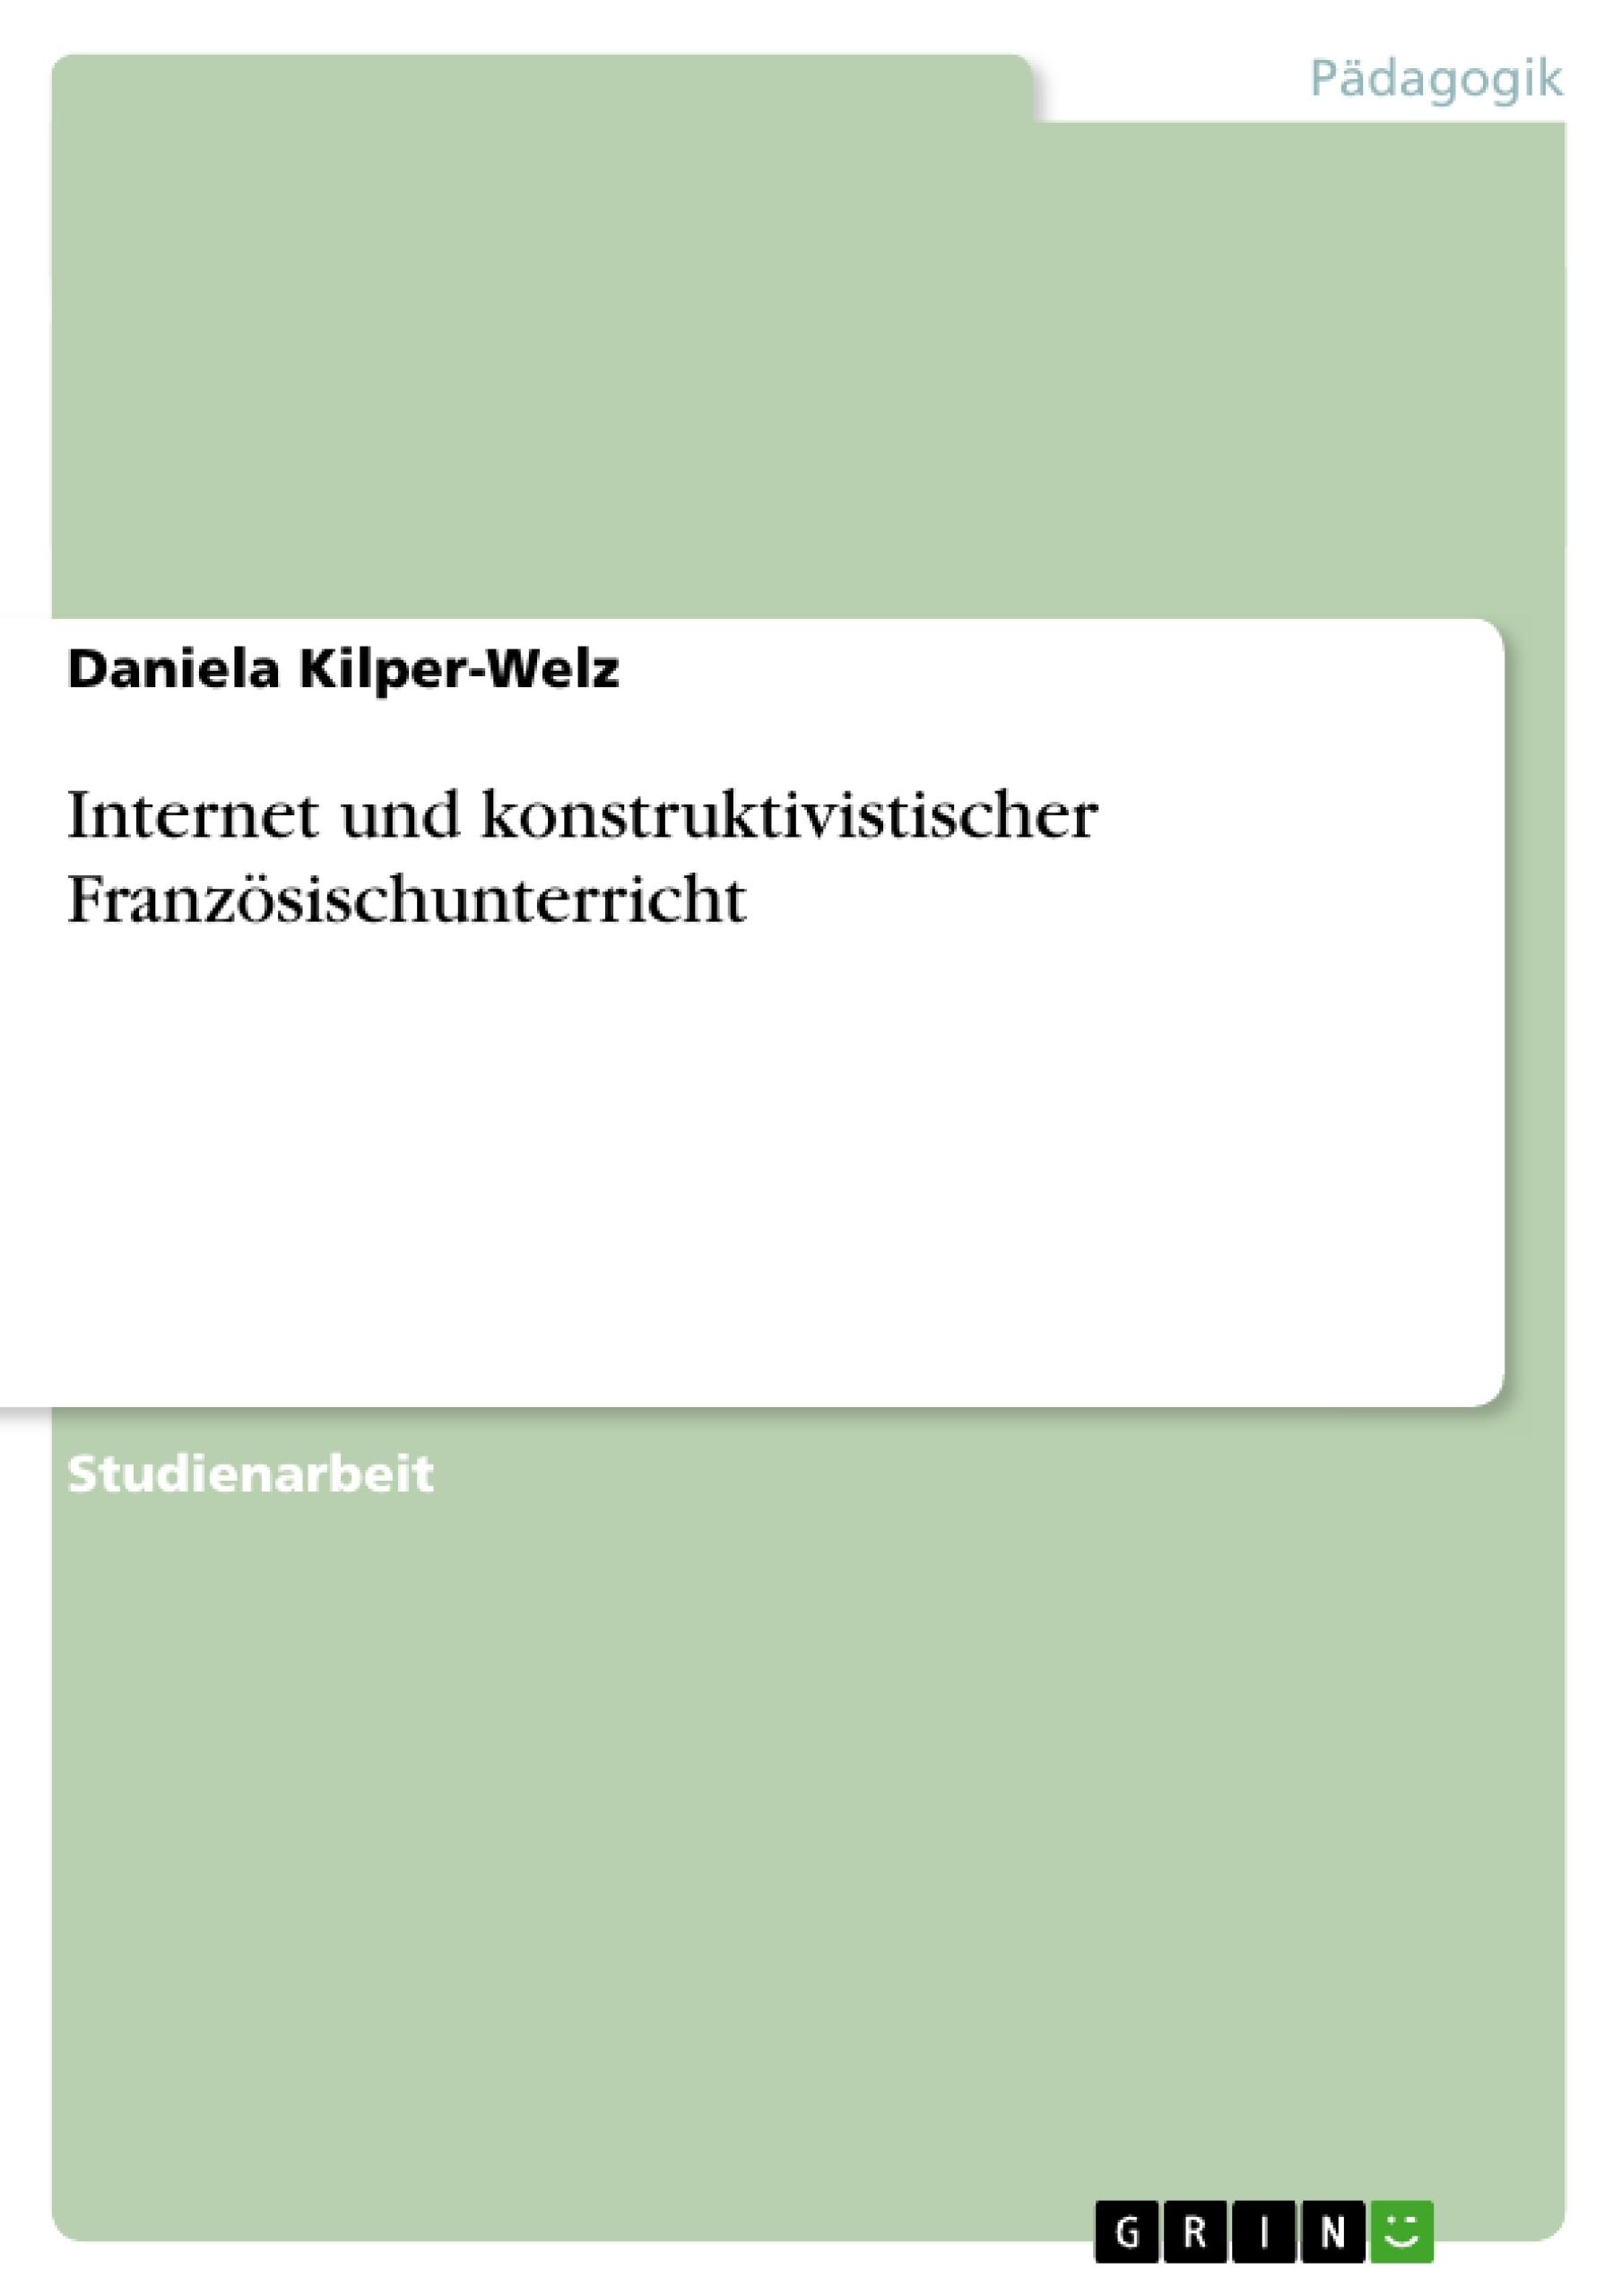 Titel: Internet und konstruktivistischer Französischunterricht